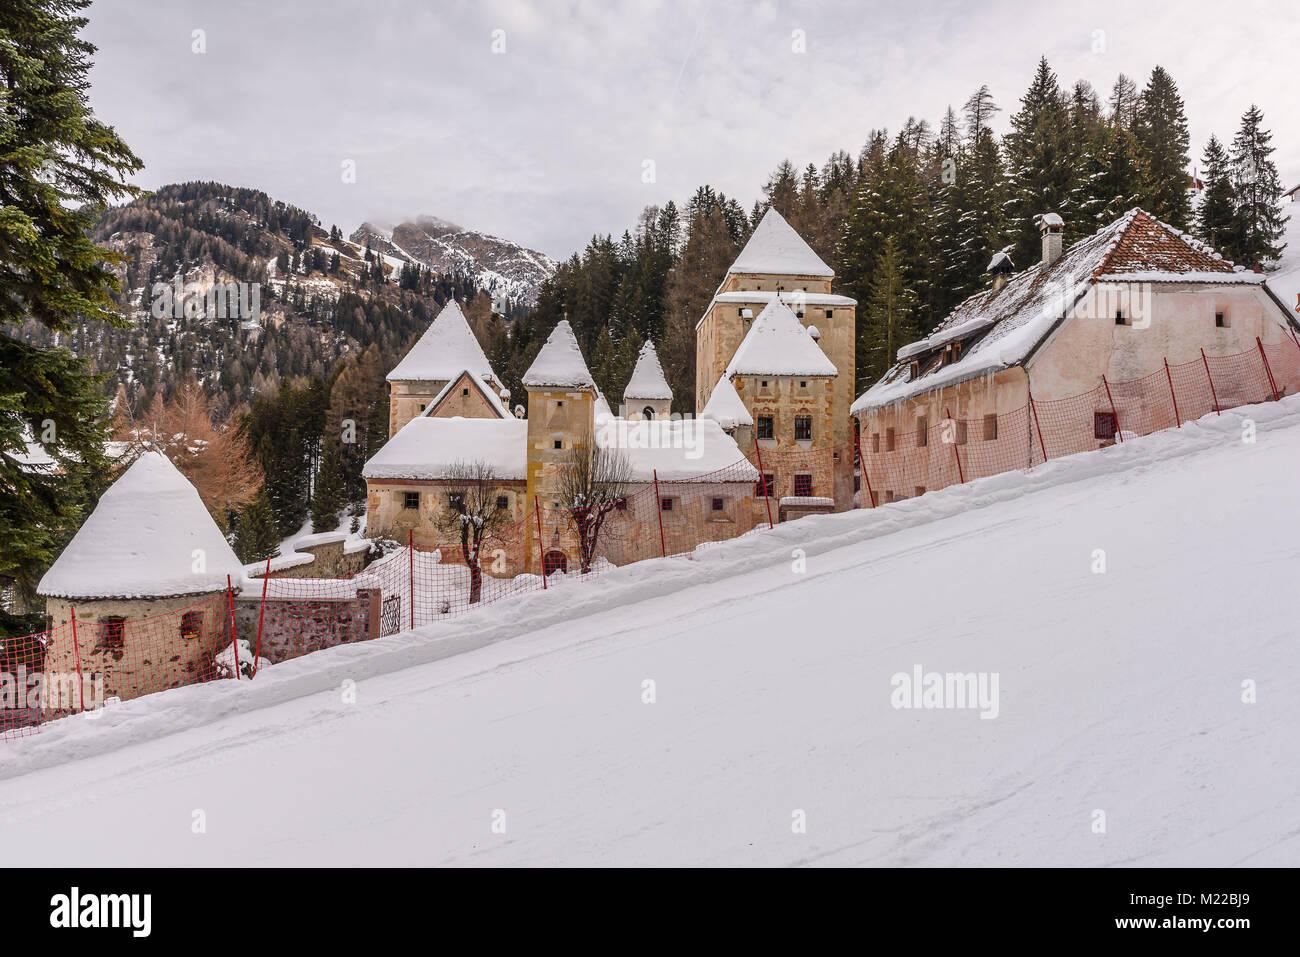 Winter view of Castel Gardena in Santa Cristina Valgardena, alpine village of the Dolomites Stock Photo